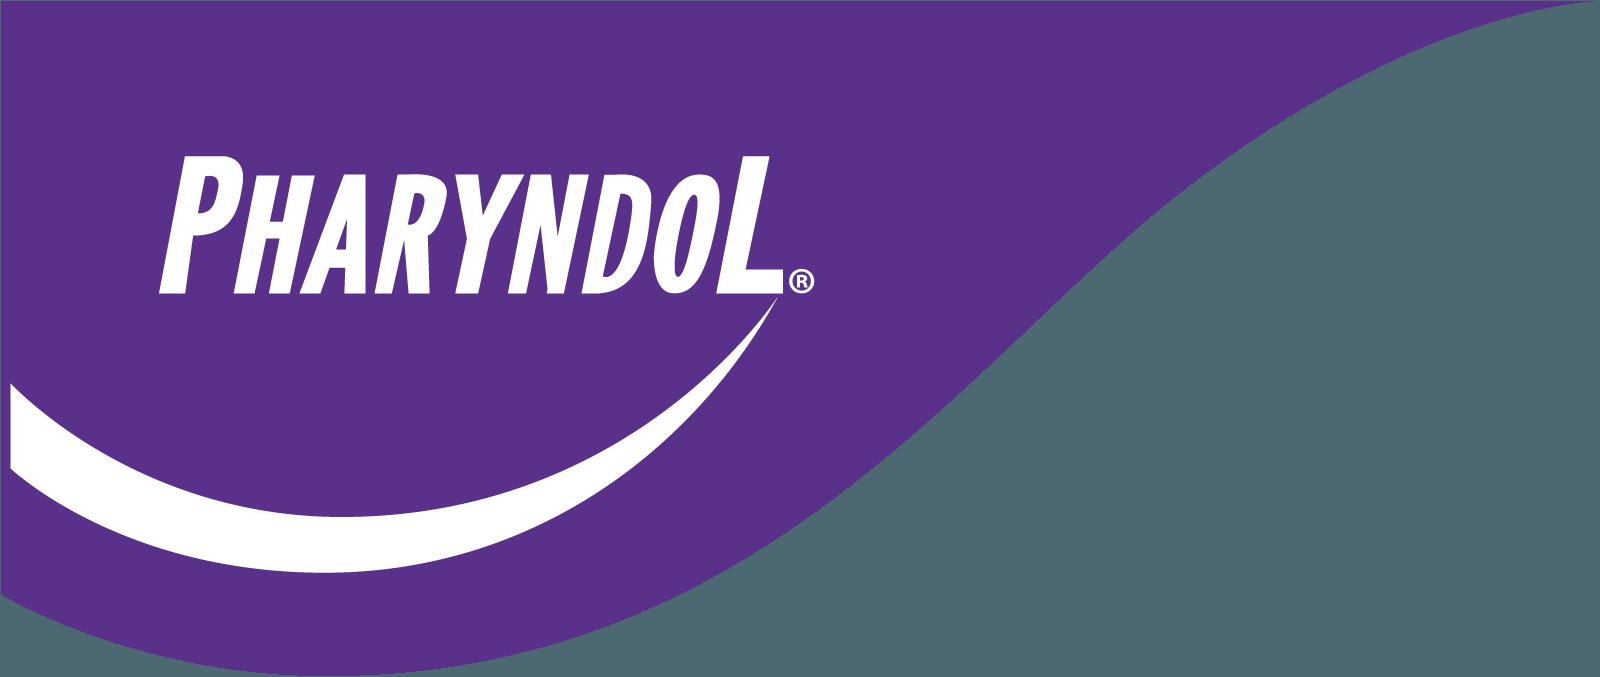 Pharyndol